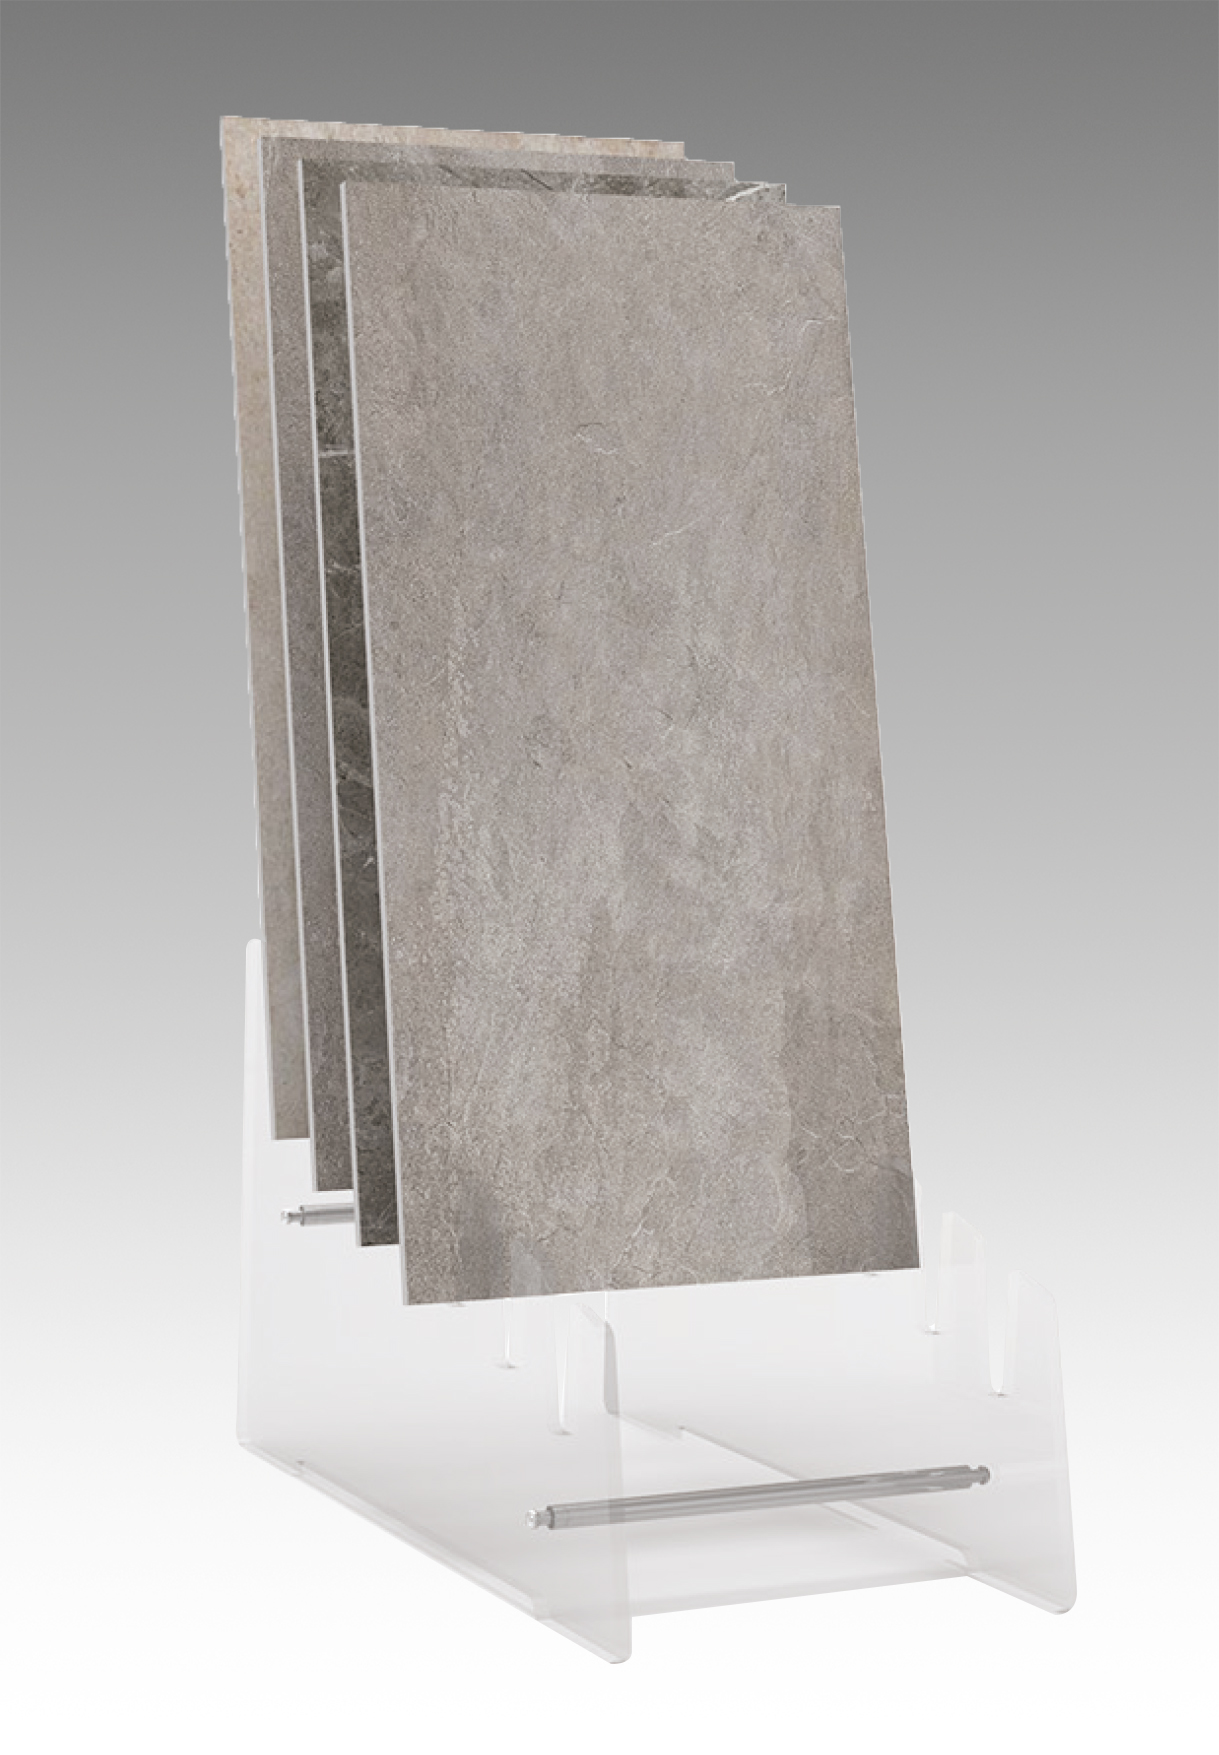 Sistema espositivo in plexiglass per lastre da esterno o interno